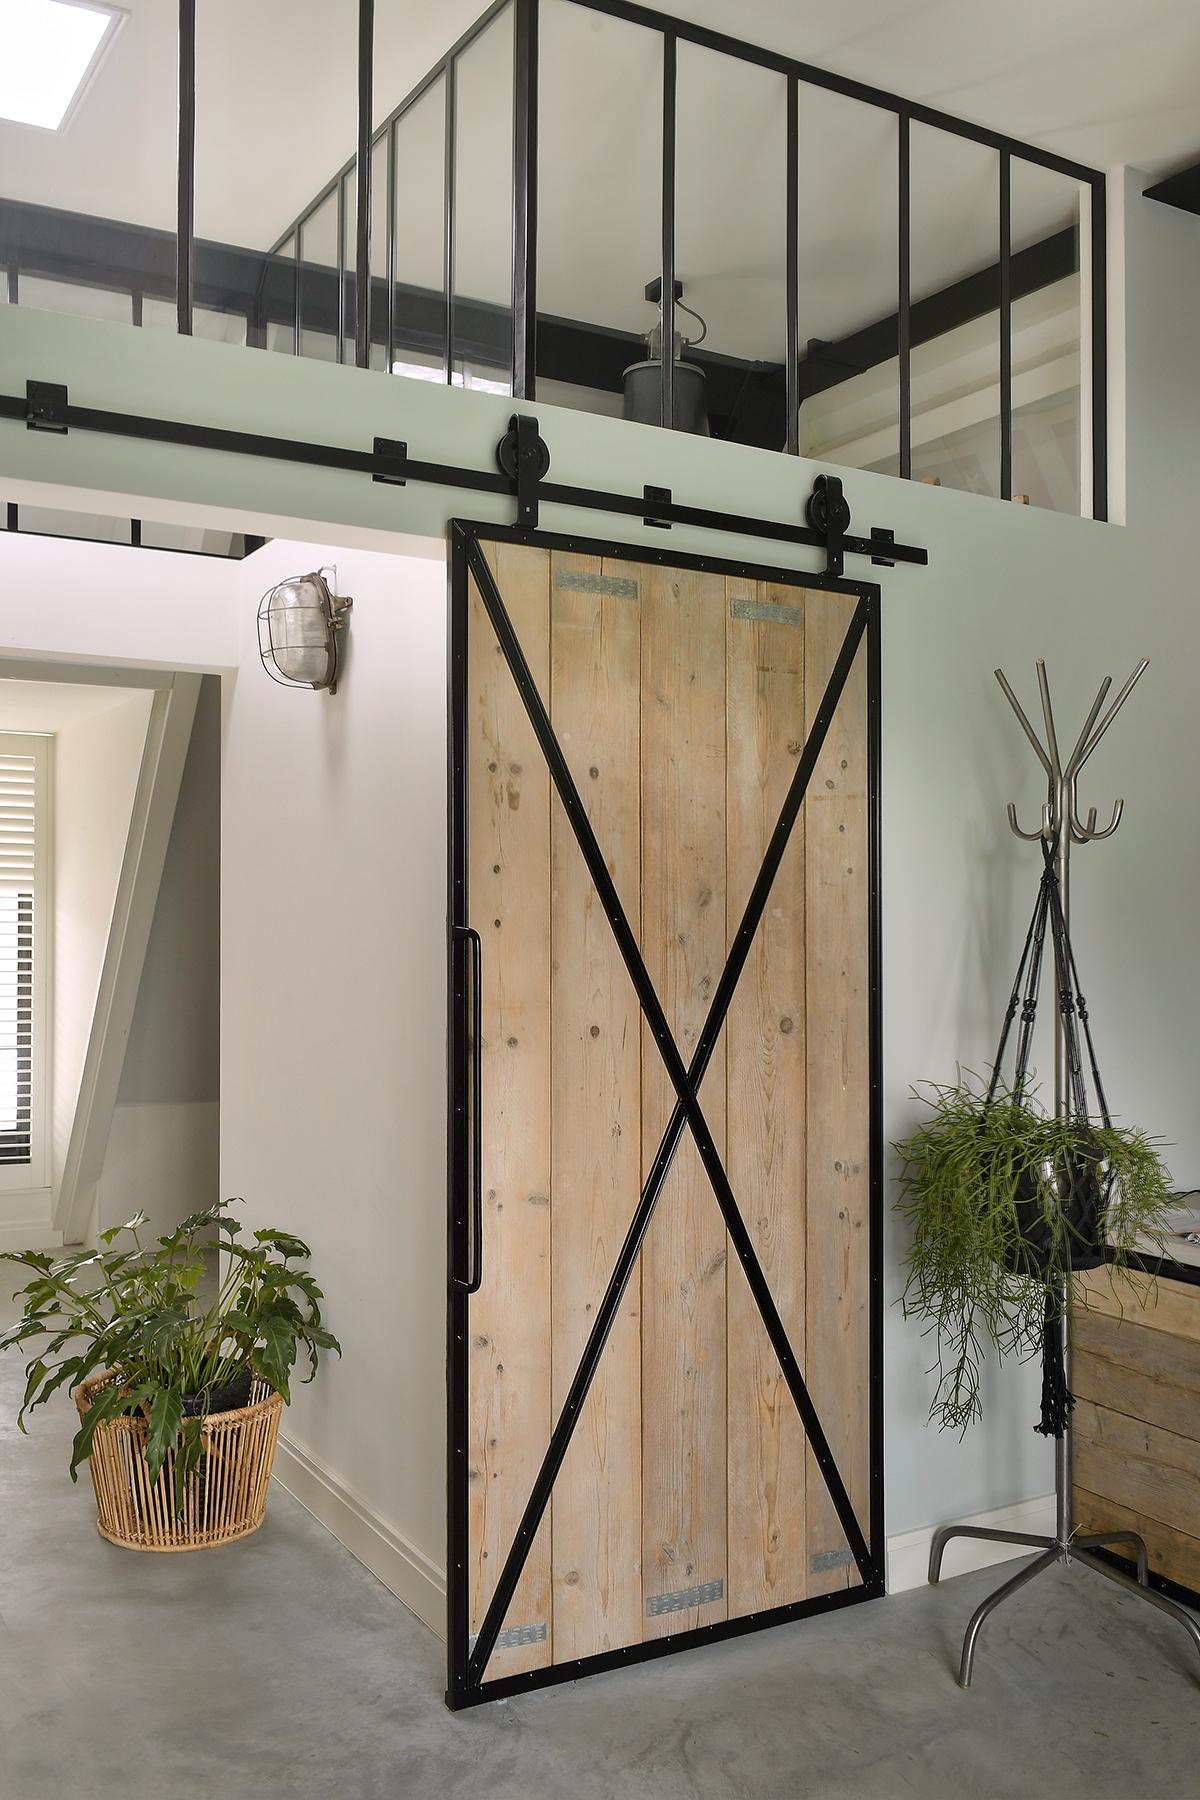 Stalen binnendeuren, StalenDeurenHuys, Stalen deuren, Taatsdeuren, Industrieel, Landelijk,